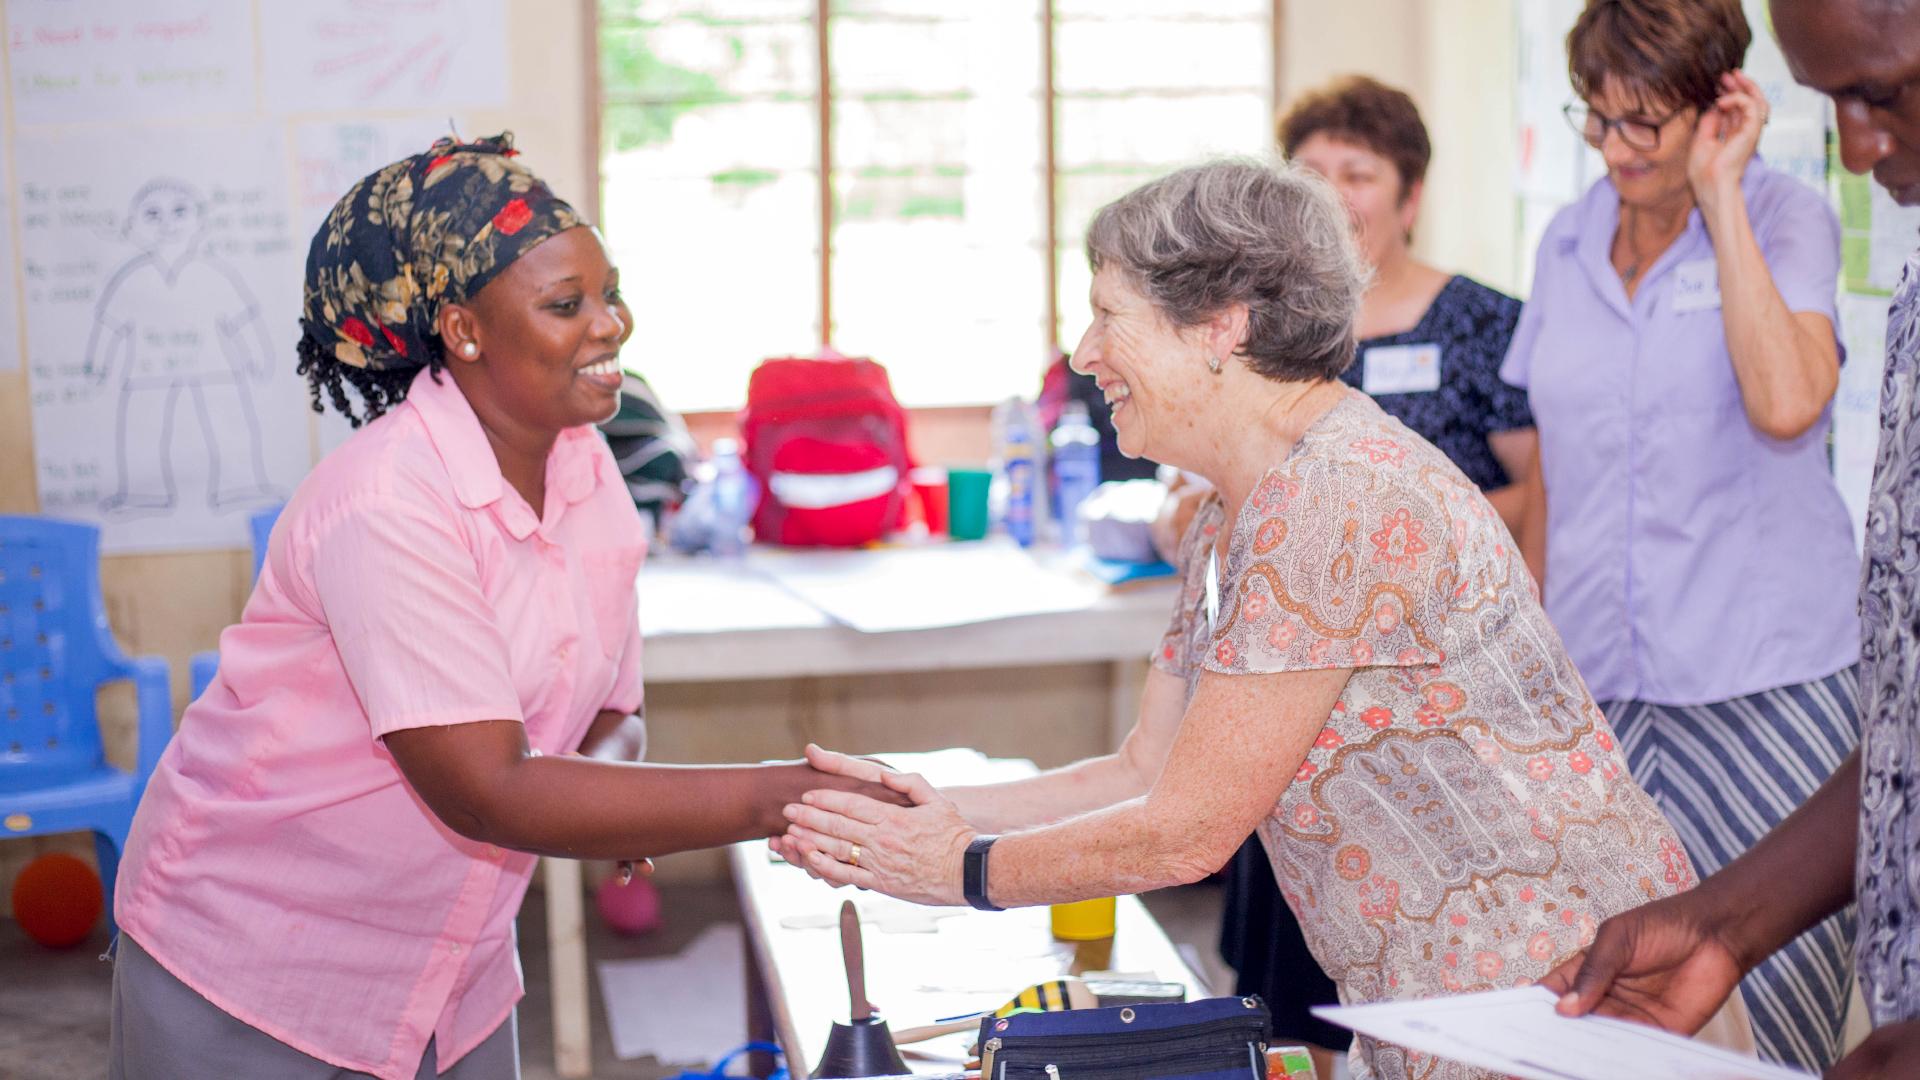 Margaret Christie teacher training program